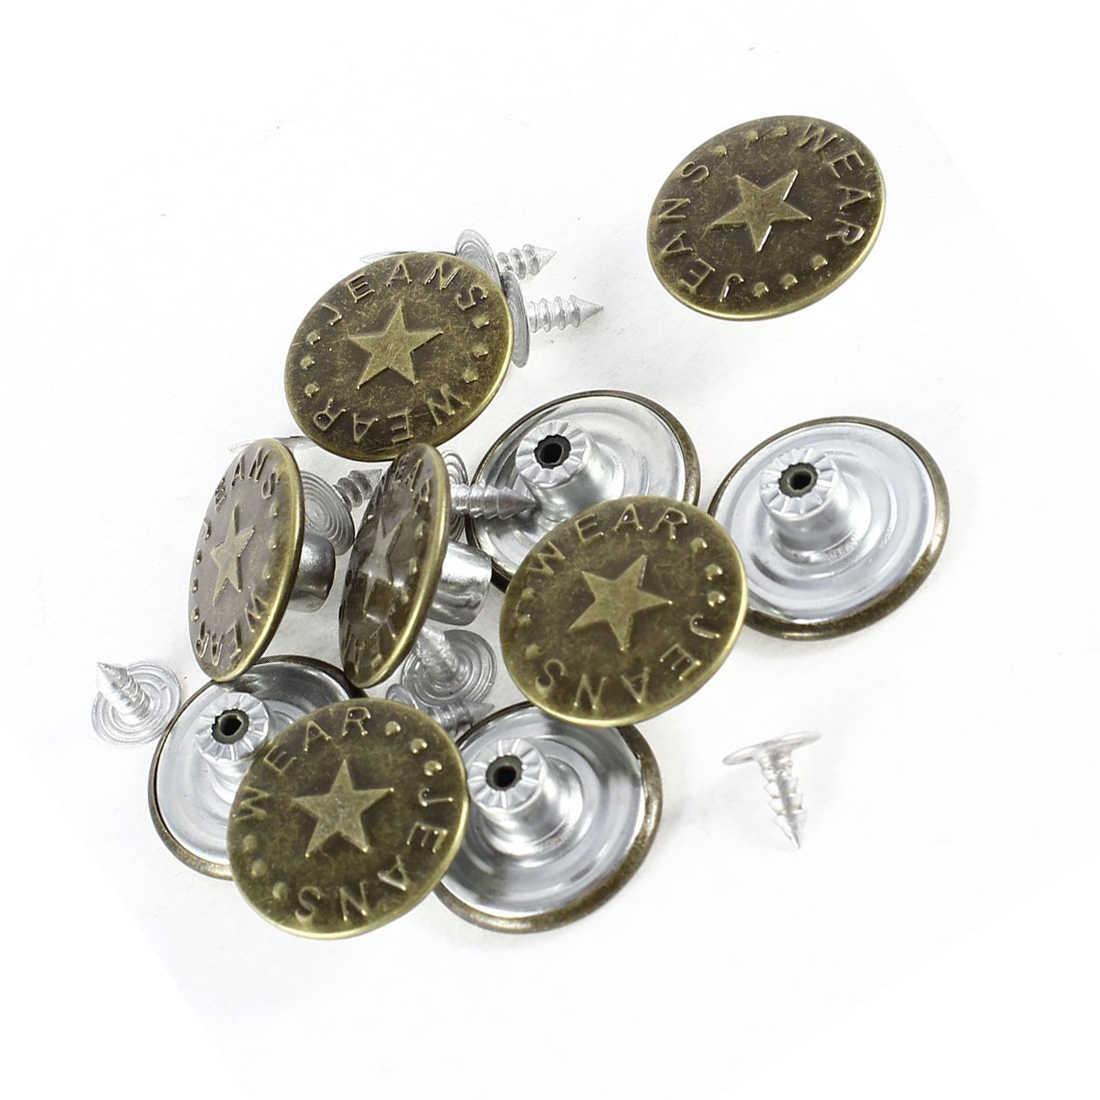 10 個スタープリントデニムジャケットジーンズ金属タックボタンブロンズトーン金属縫製スクラップブックジャケットブレザーセーター